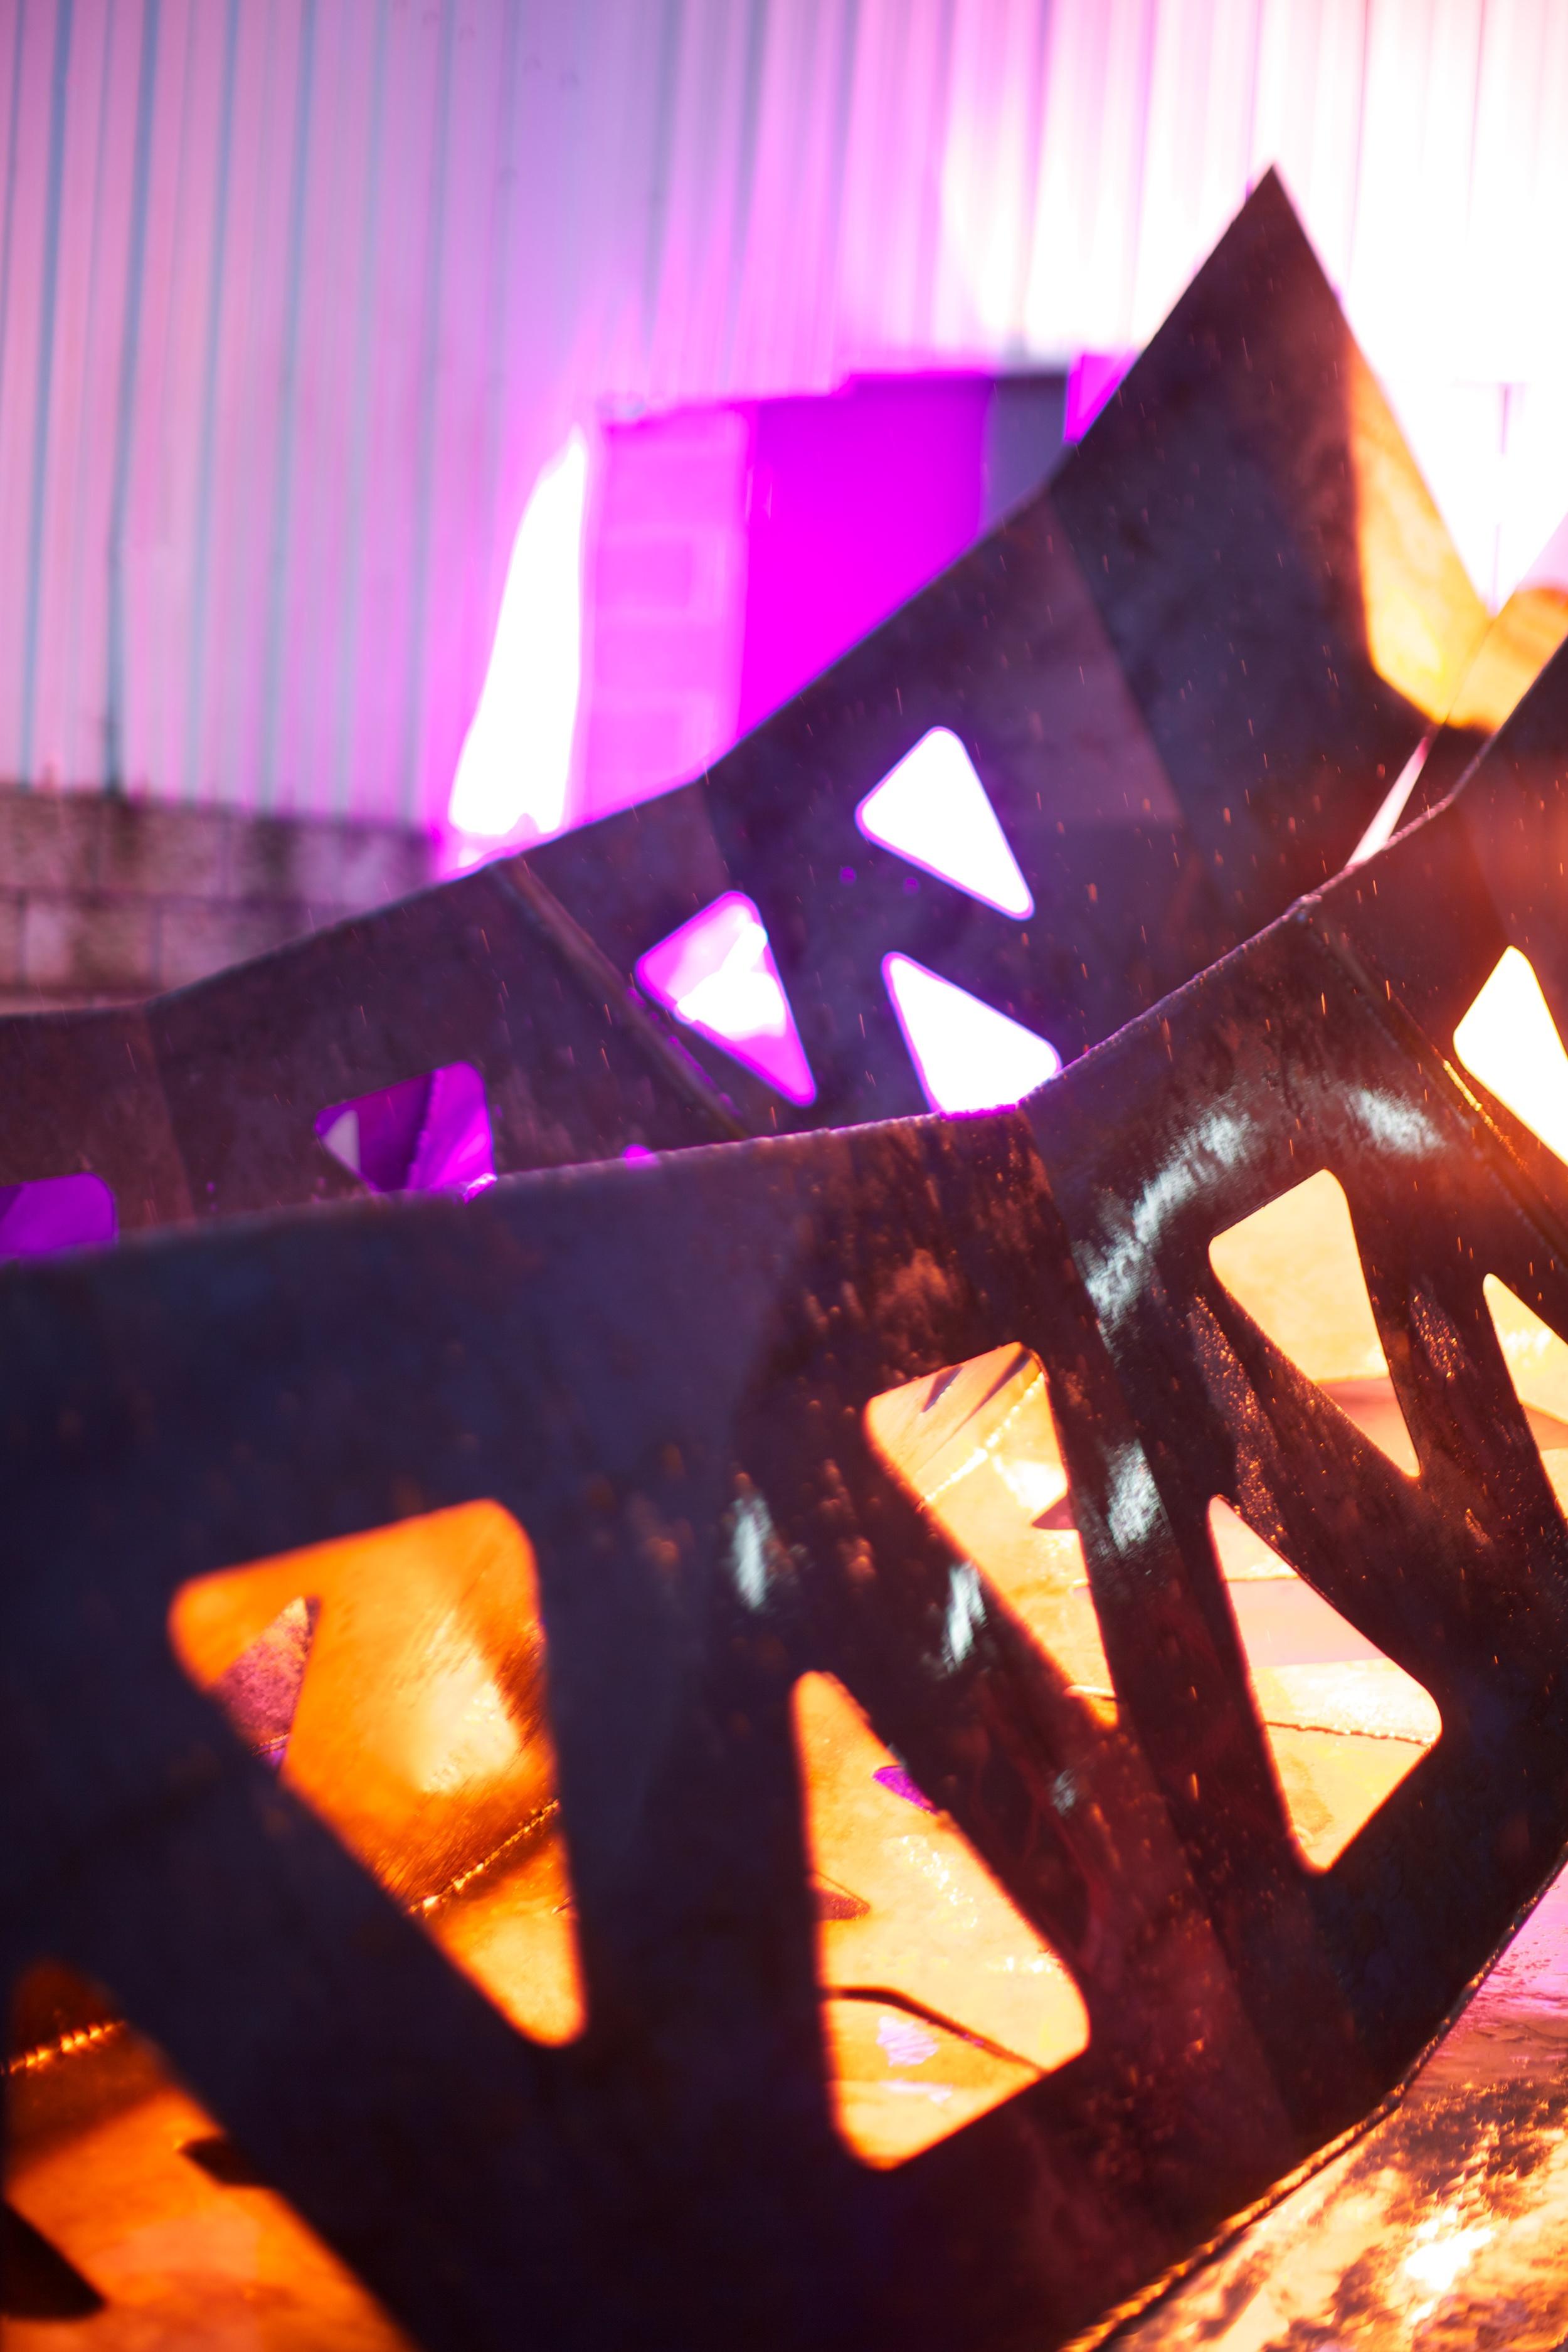 091014 Ladder Strobe JPEGs 12.jpg